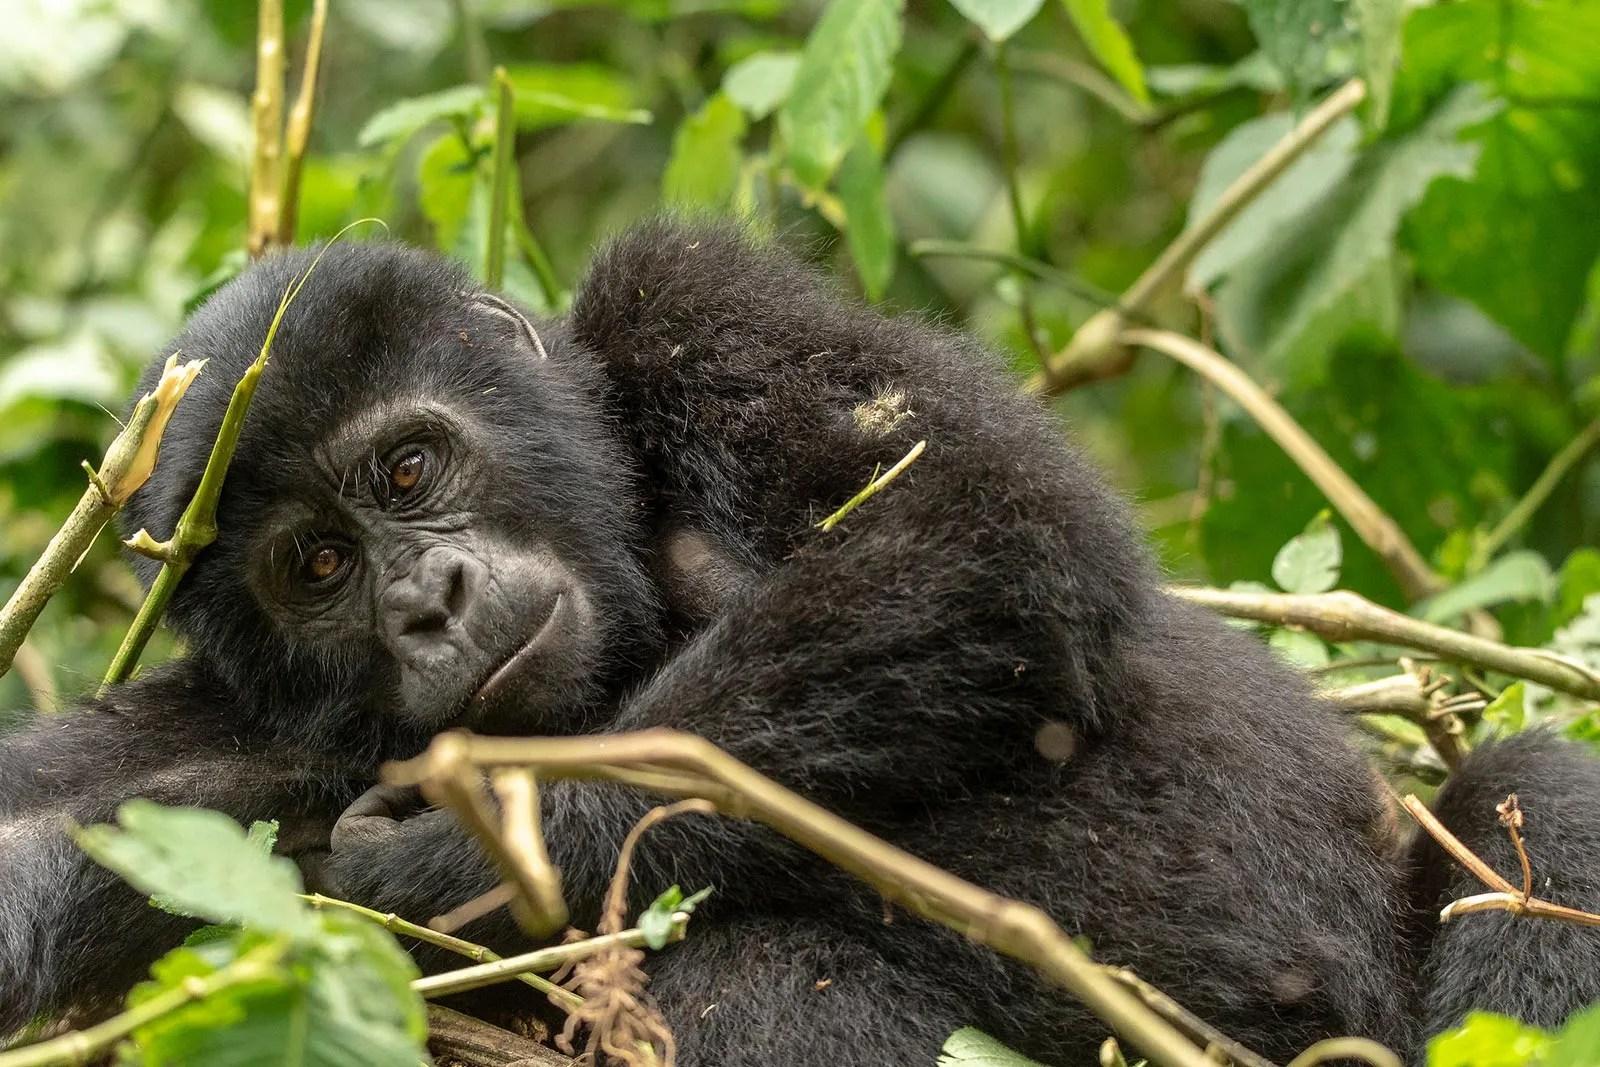 Primates in Uganda, Apes